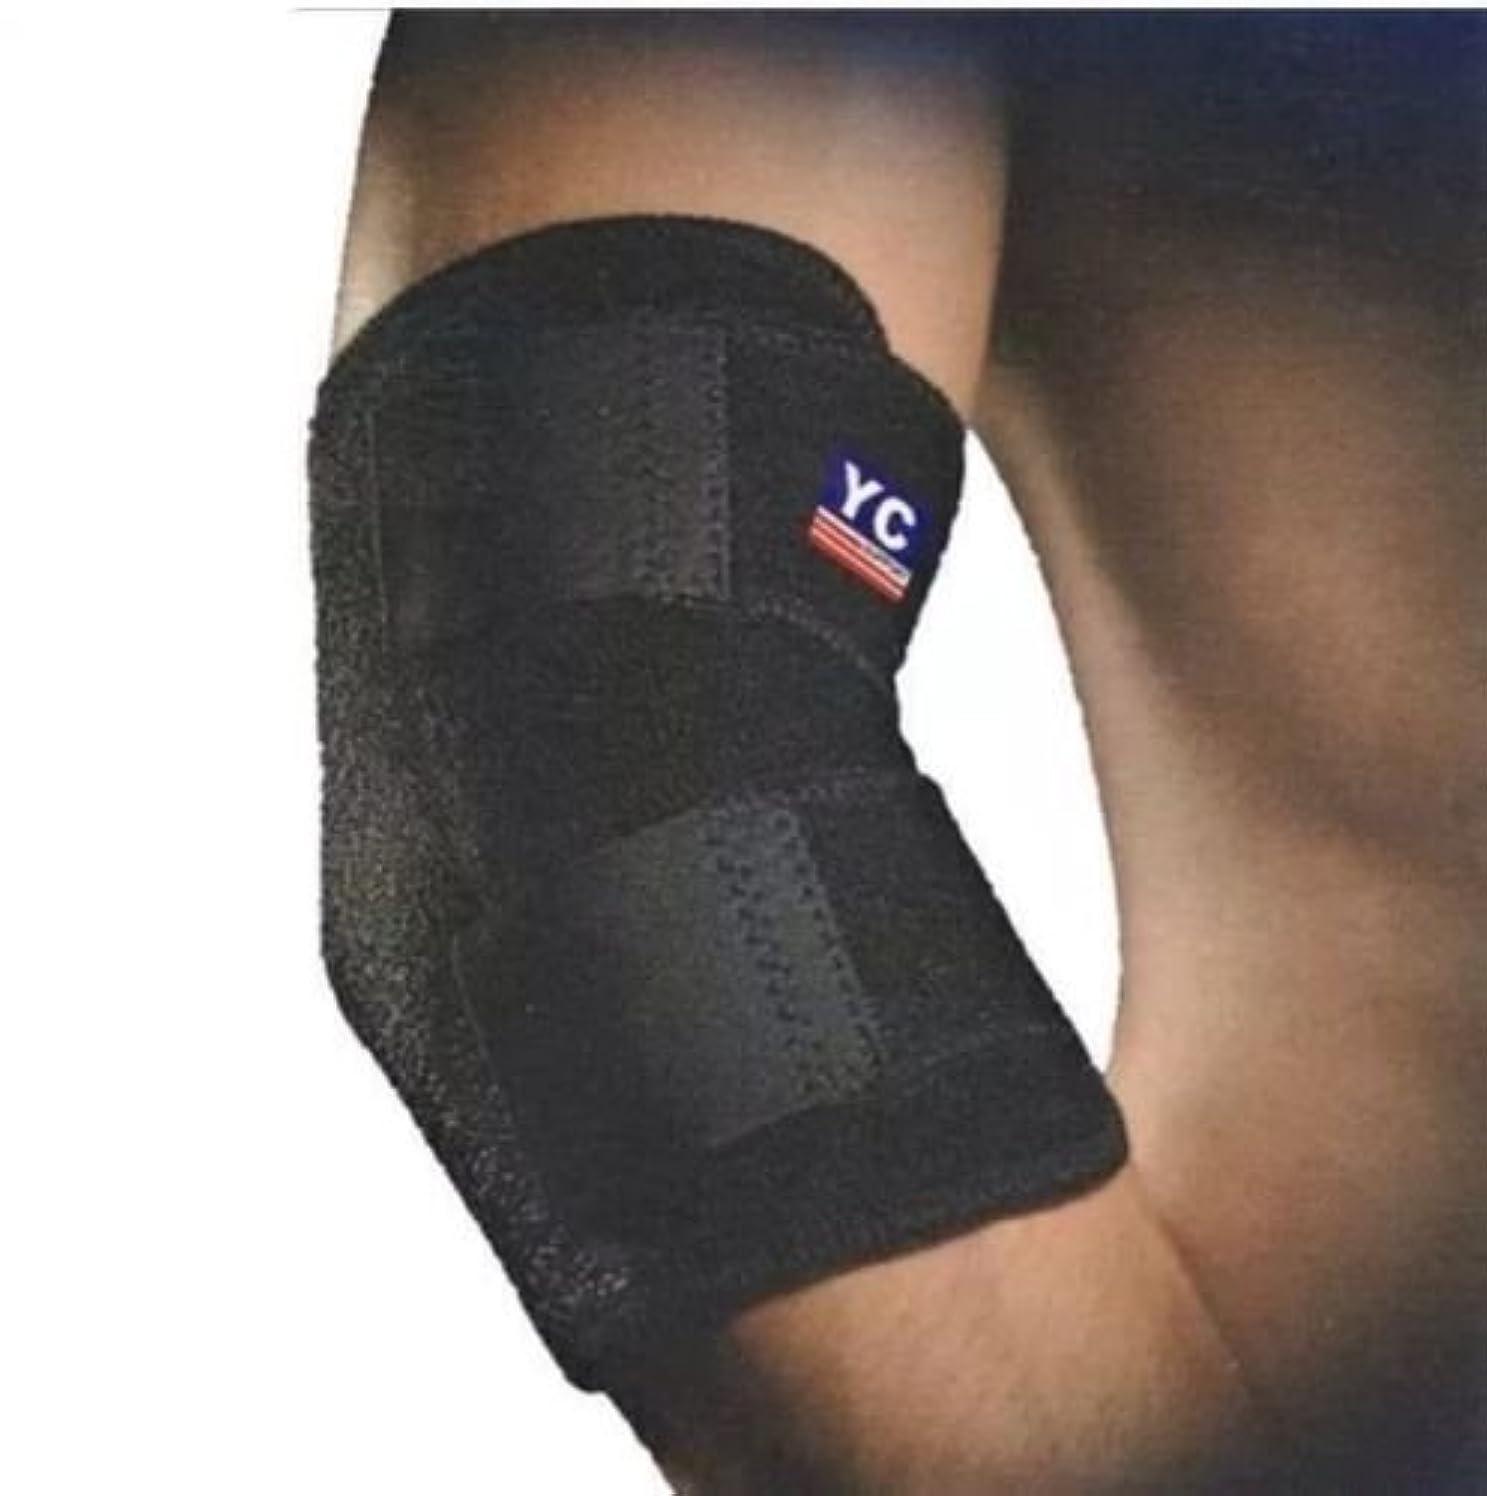 終わらせる悪い側面ネオプレン 調節可 肘サポート テニス 関節炎 巻き付け固定具 ジム スポーツ